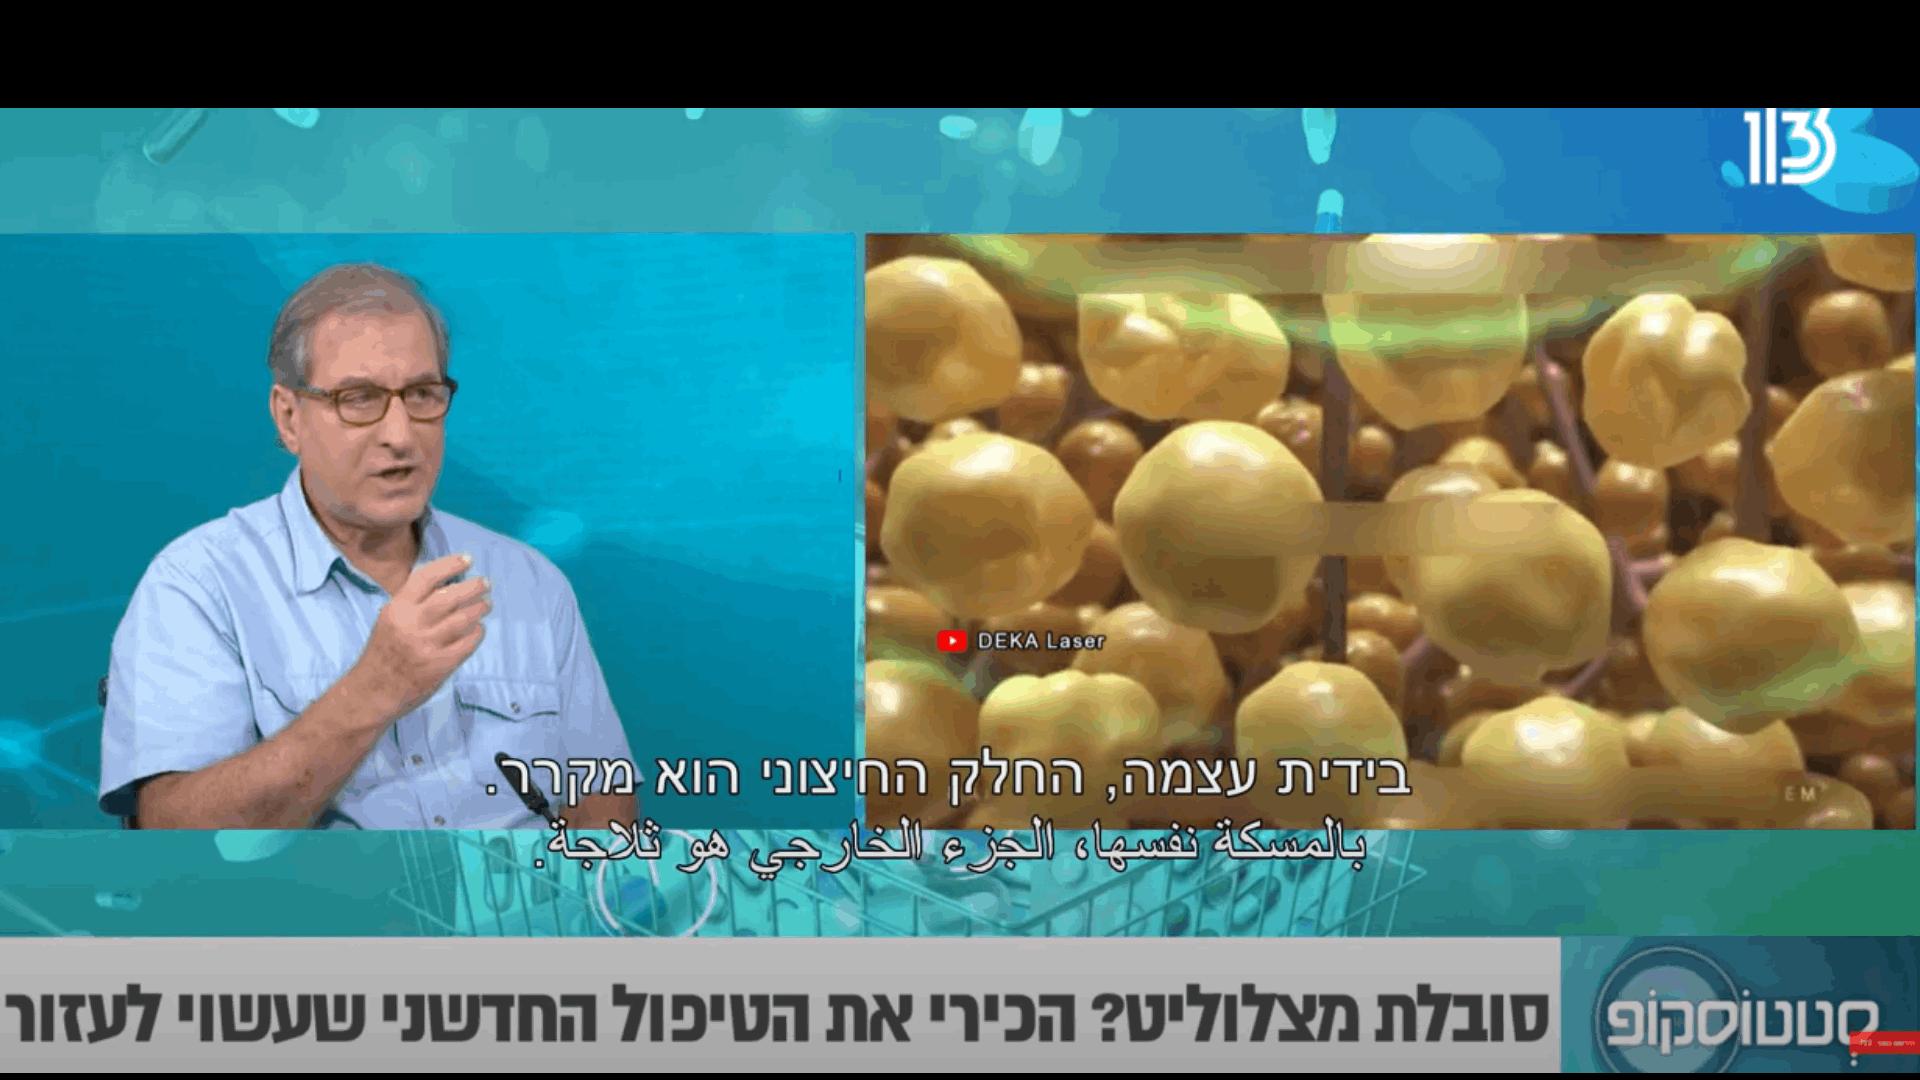 יאיר גילוני בערוץ 13